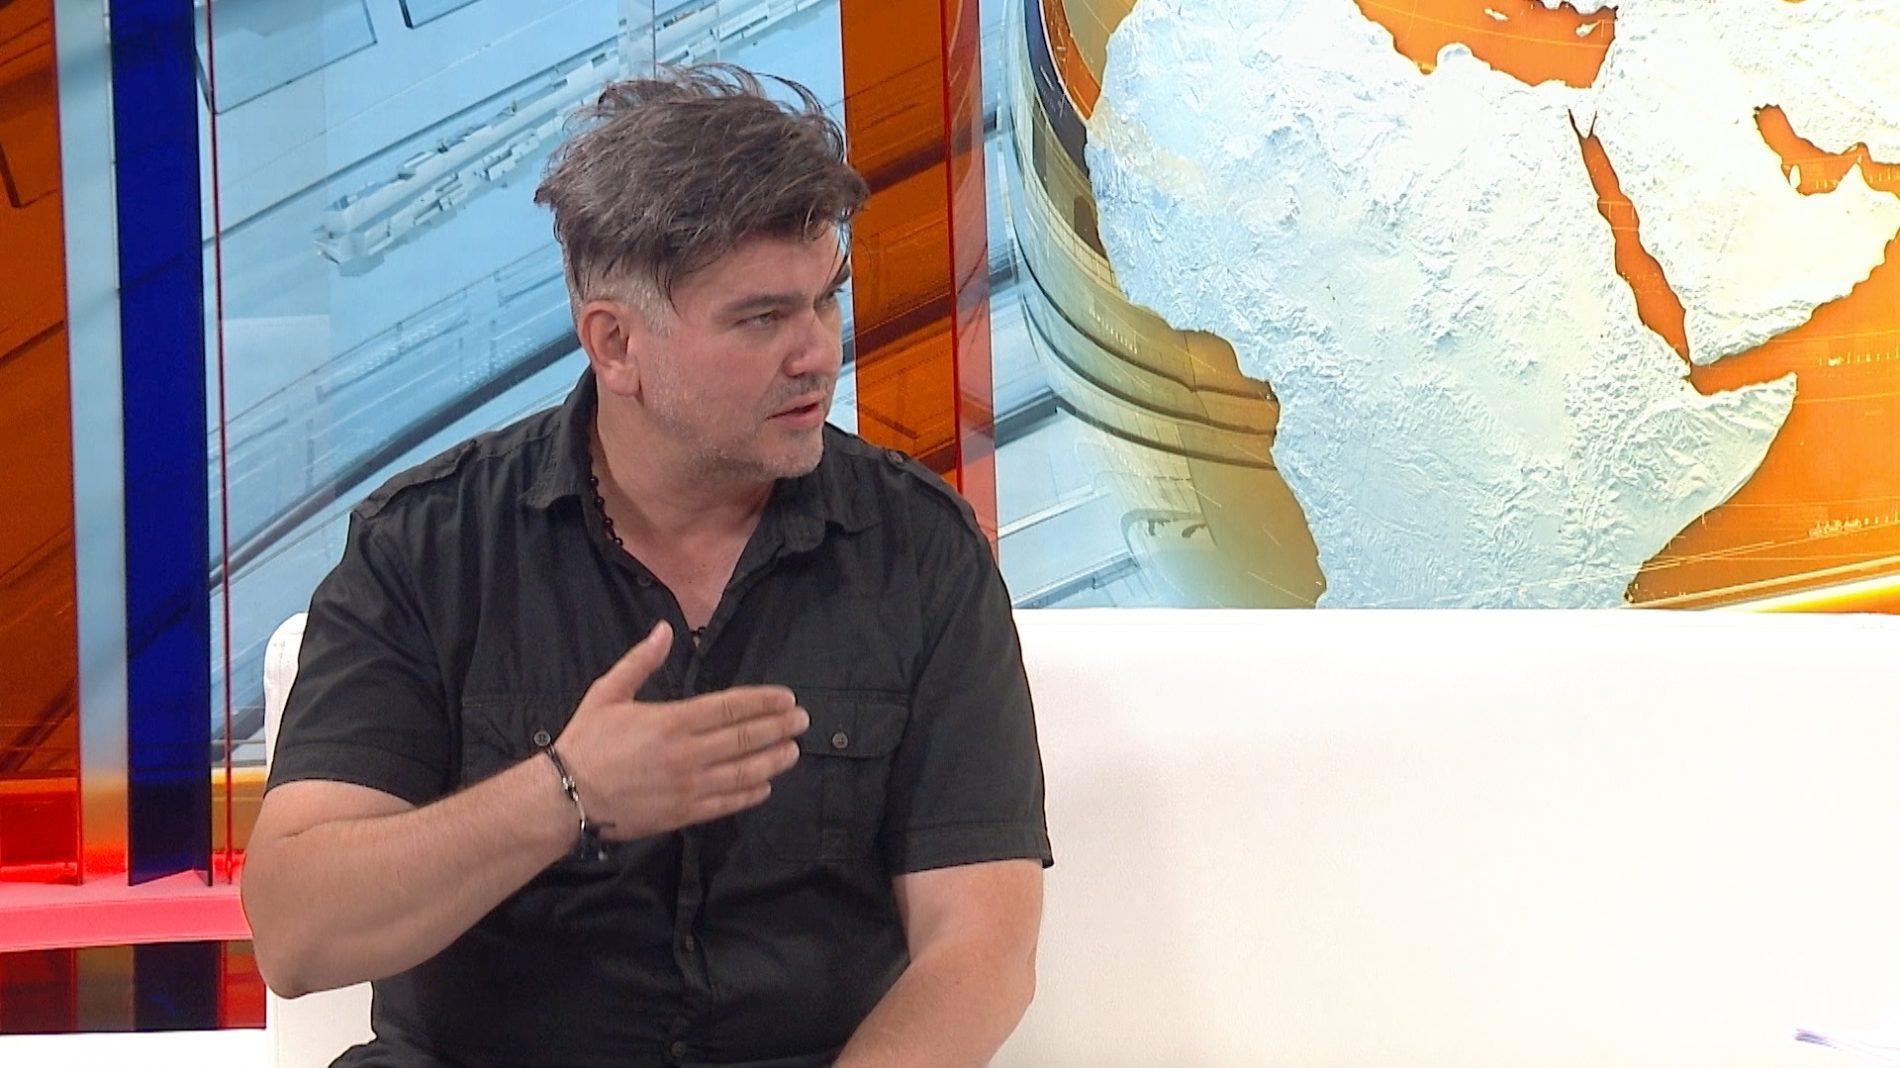 Glumac Aleksandar Seksan: Generalno smo stvarno dobar narod